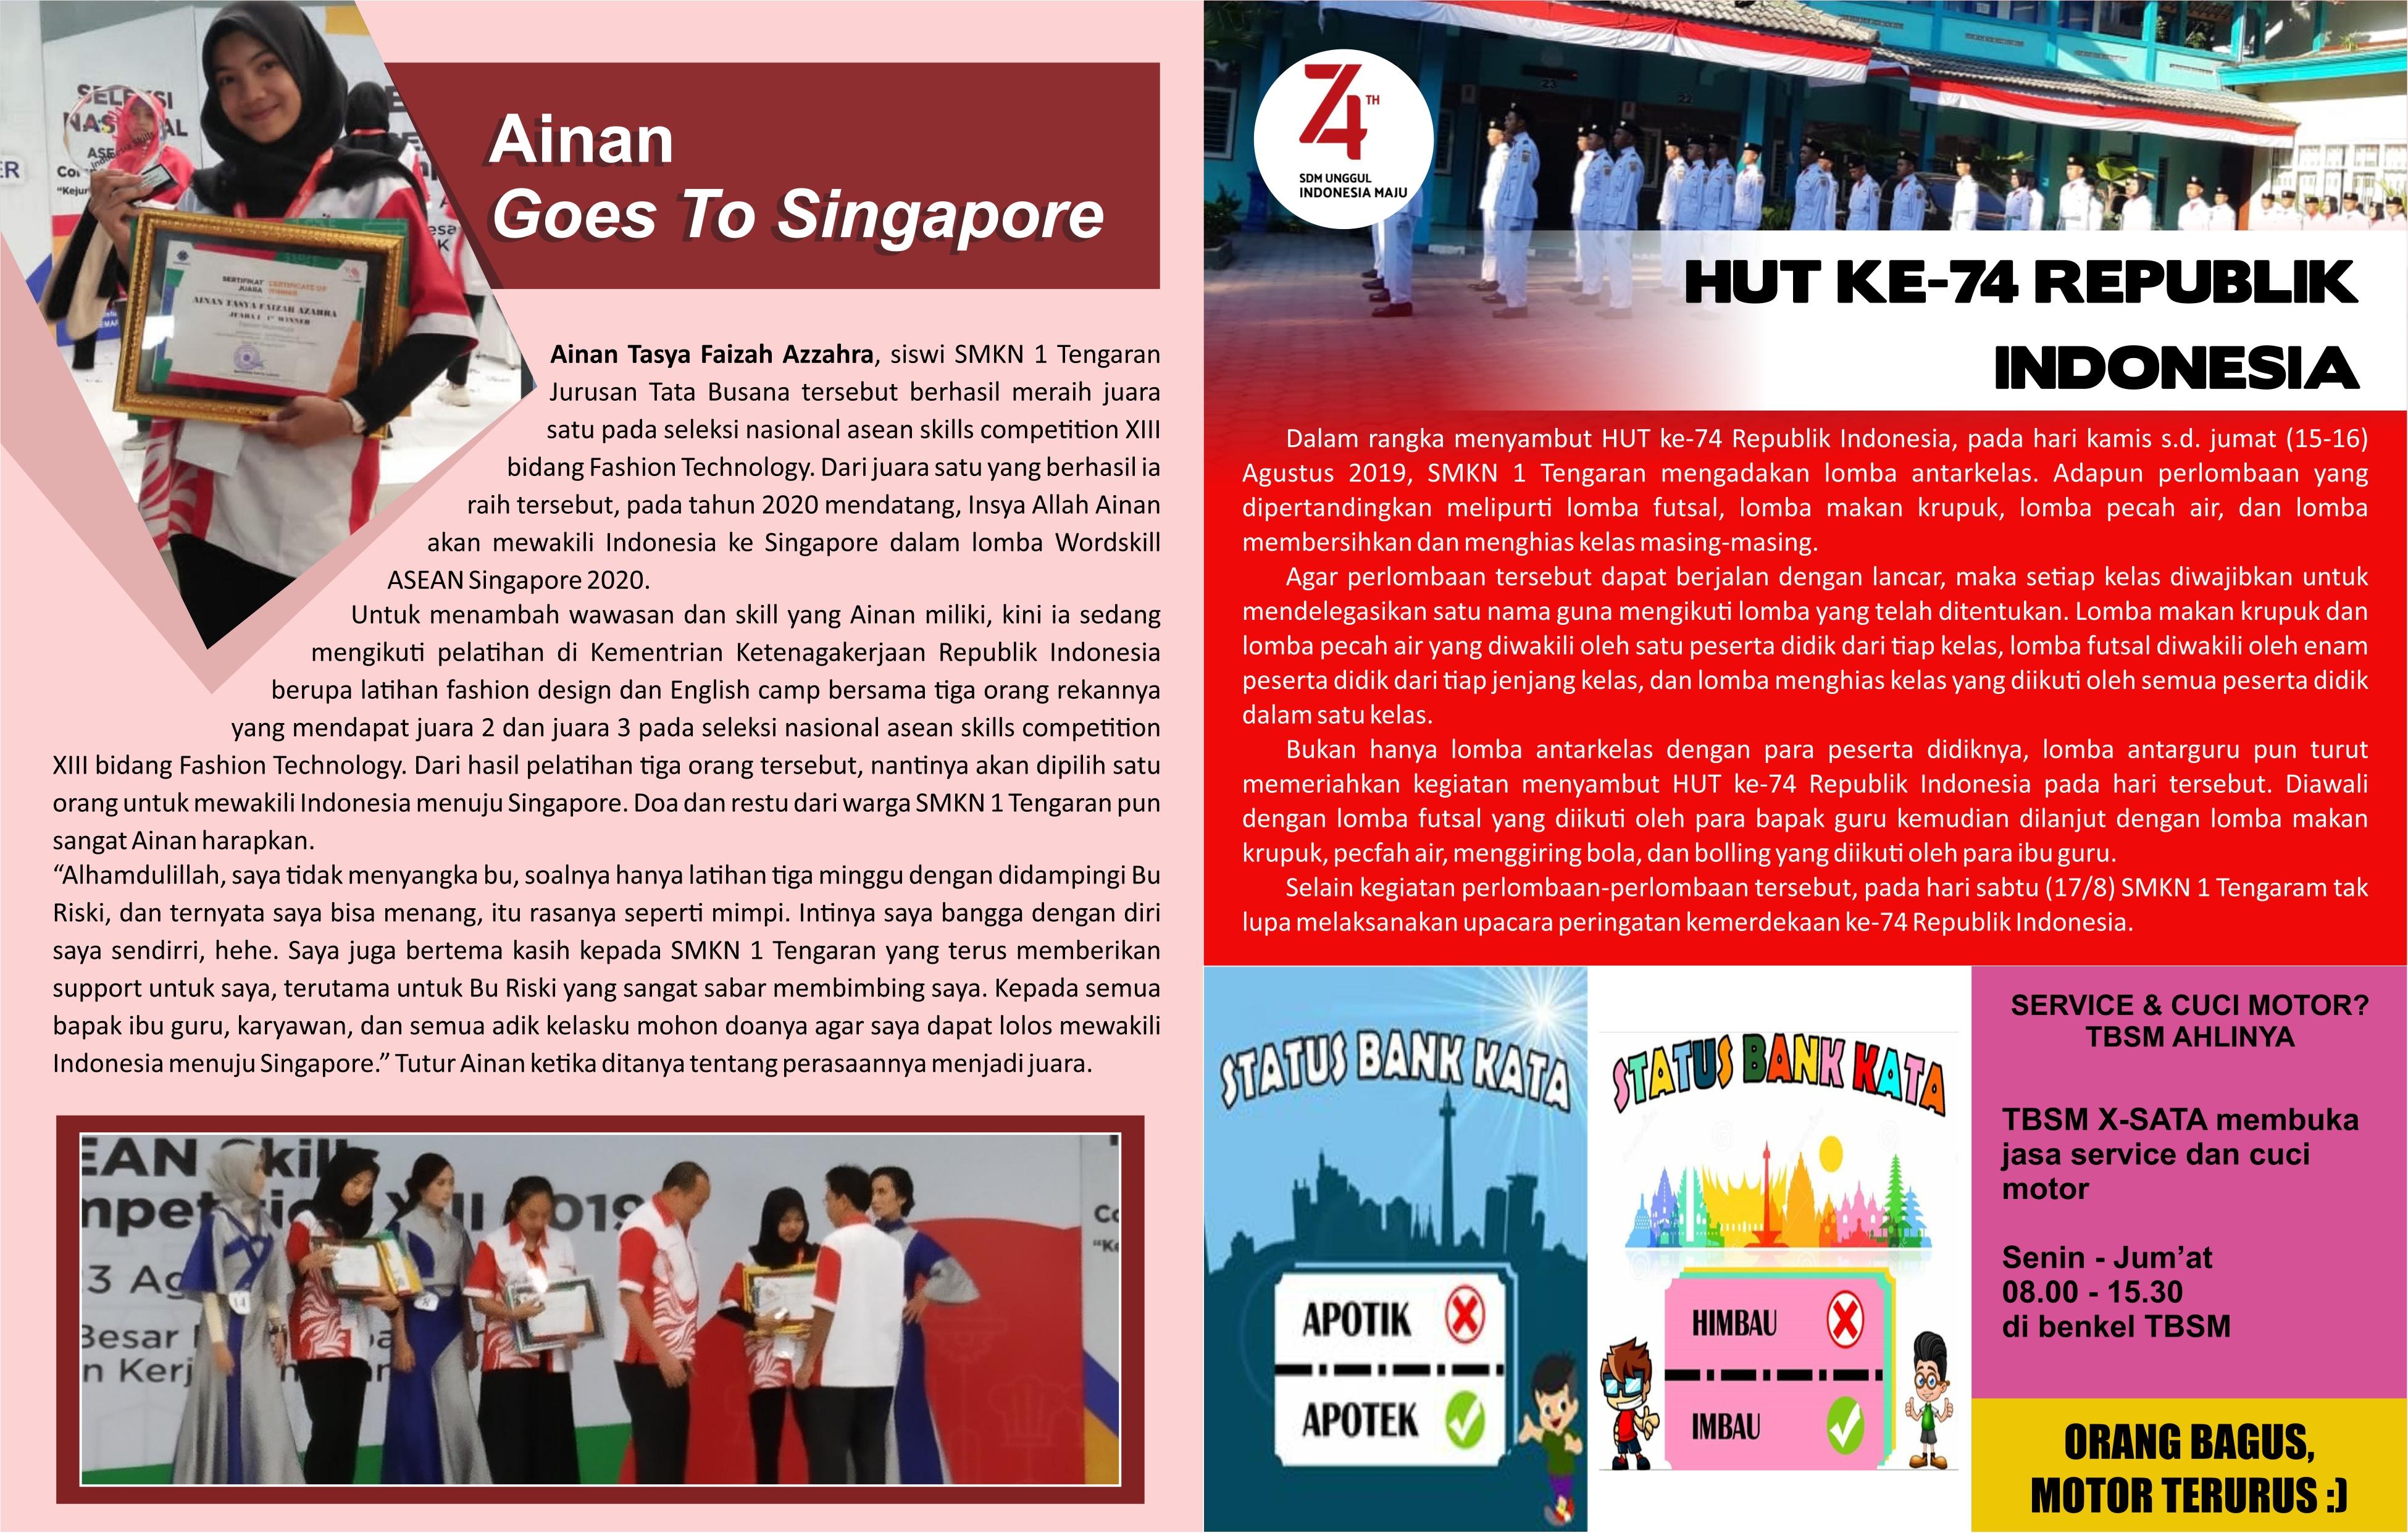 Buletin edisi 3 halaman 2